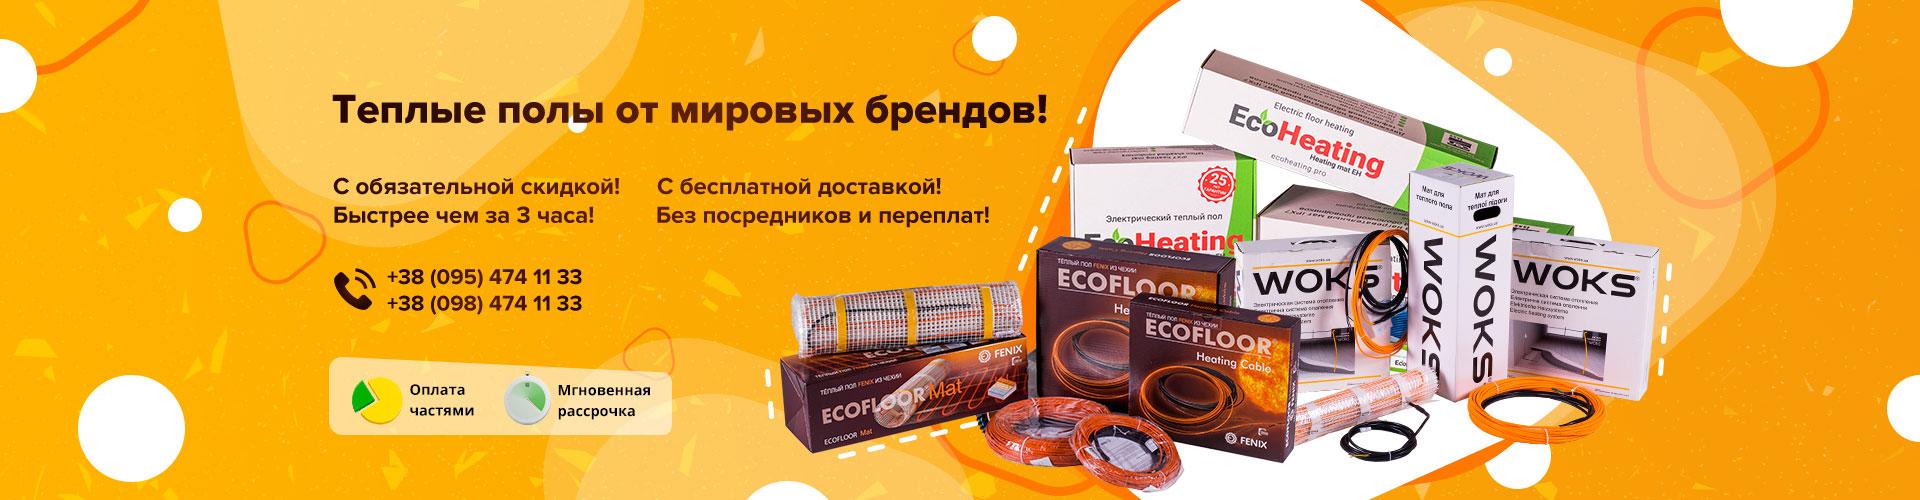 tp_ot_mirovih_brendov-min